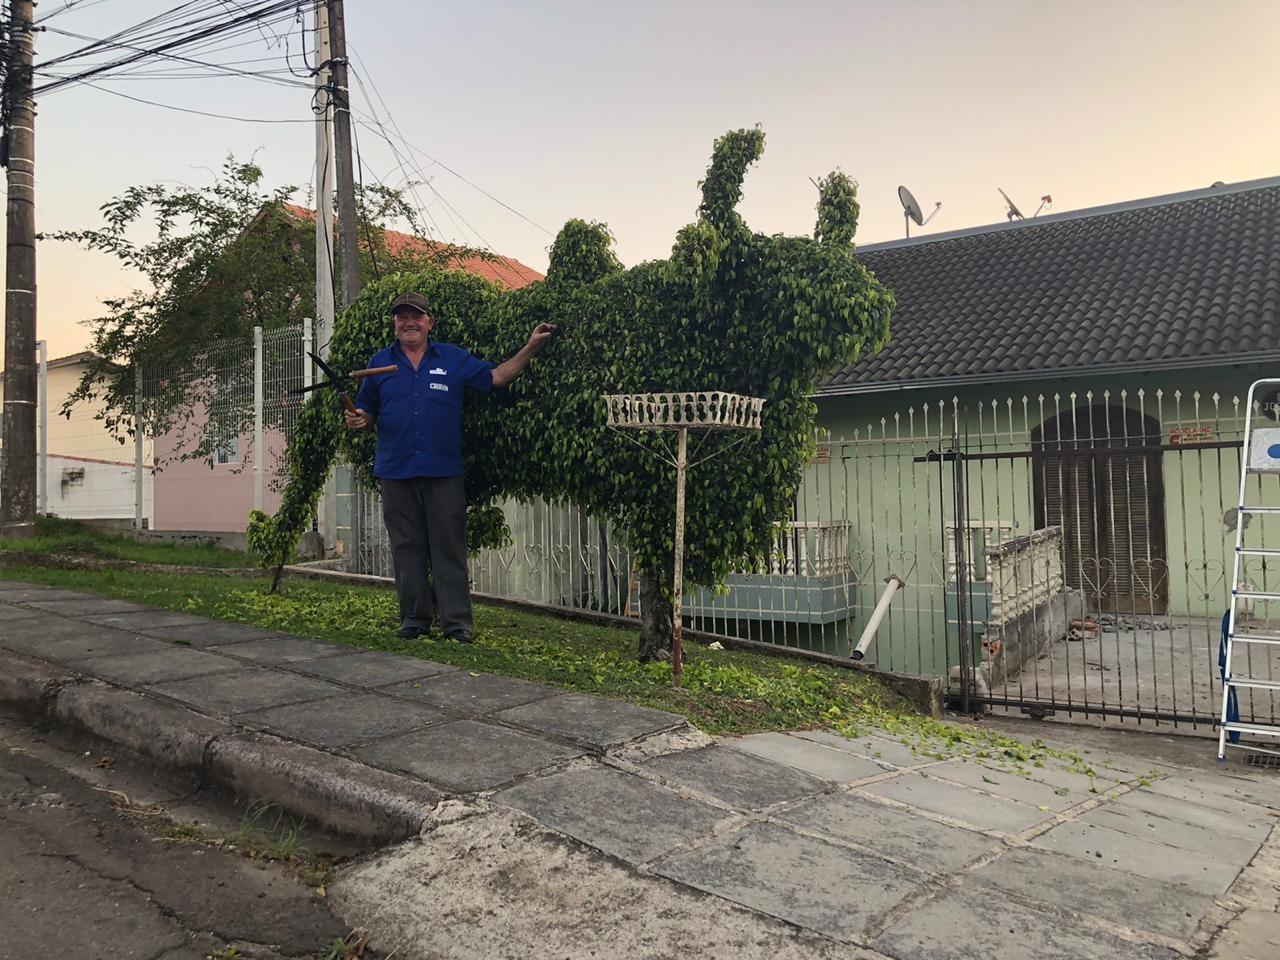 'Tem quem me chame de Edward Mãos de Tesoura', diz vendedor que esculpiu boi em árvores do quintal de casa em Curitiba